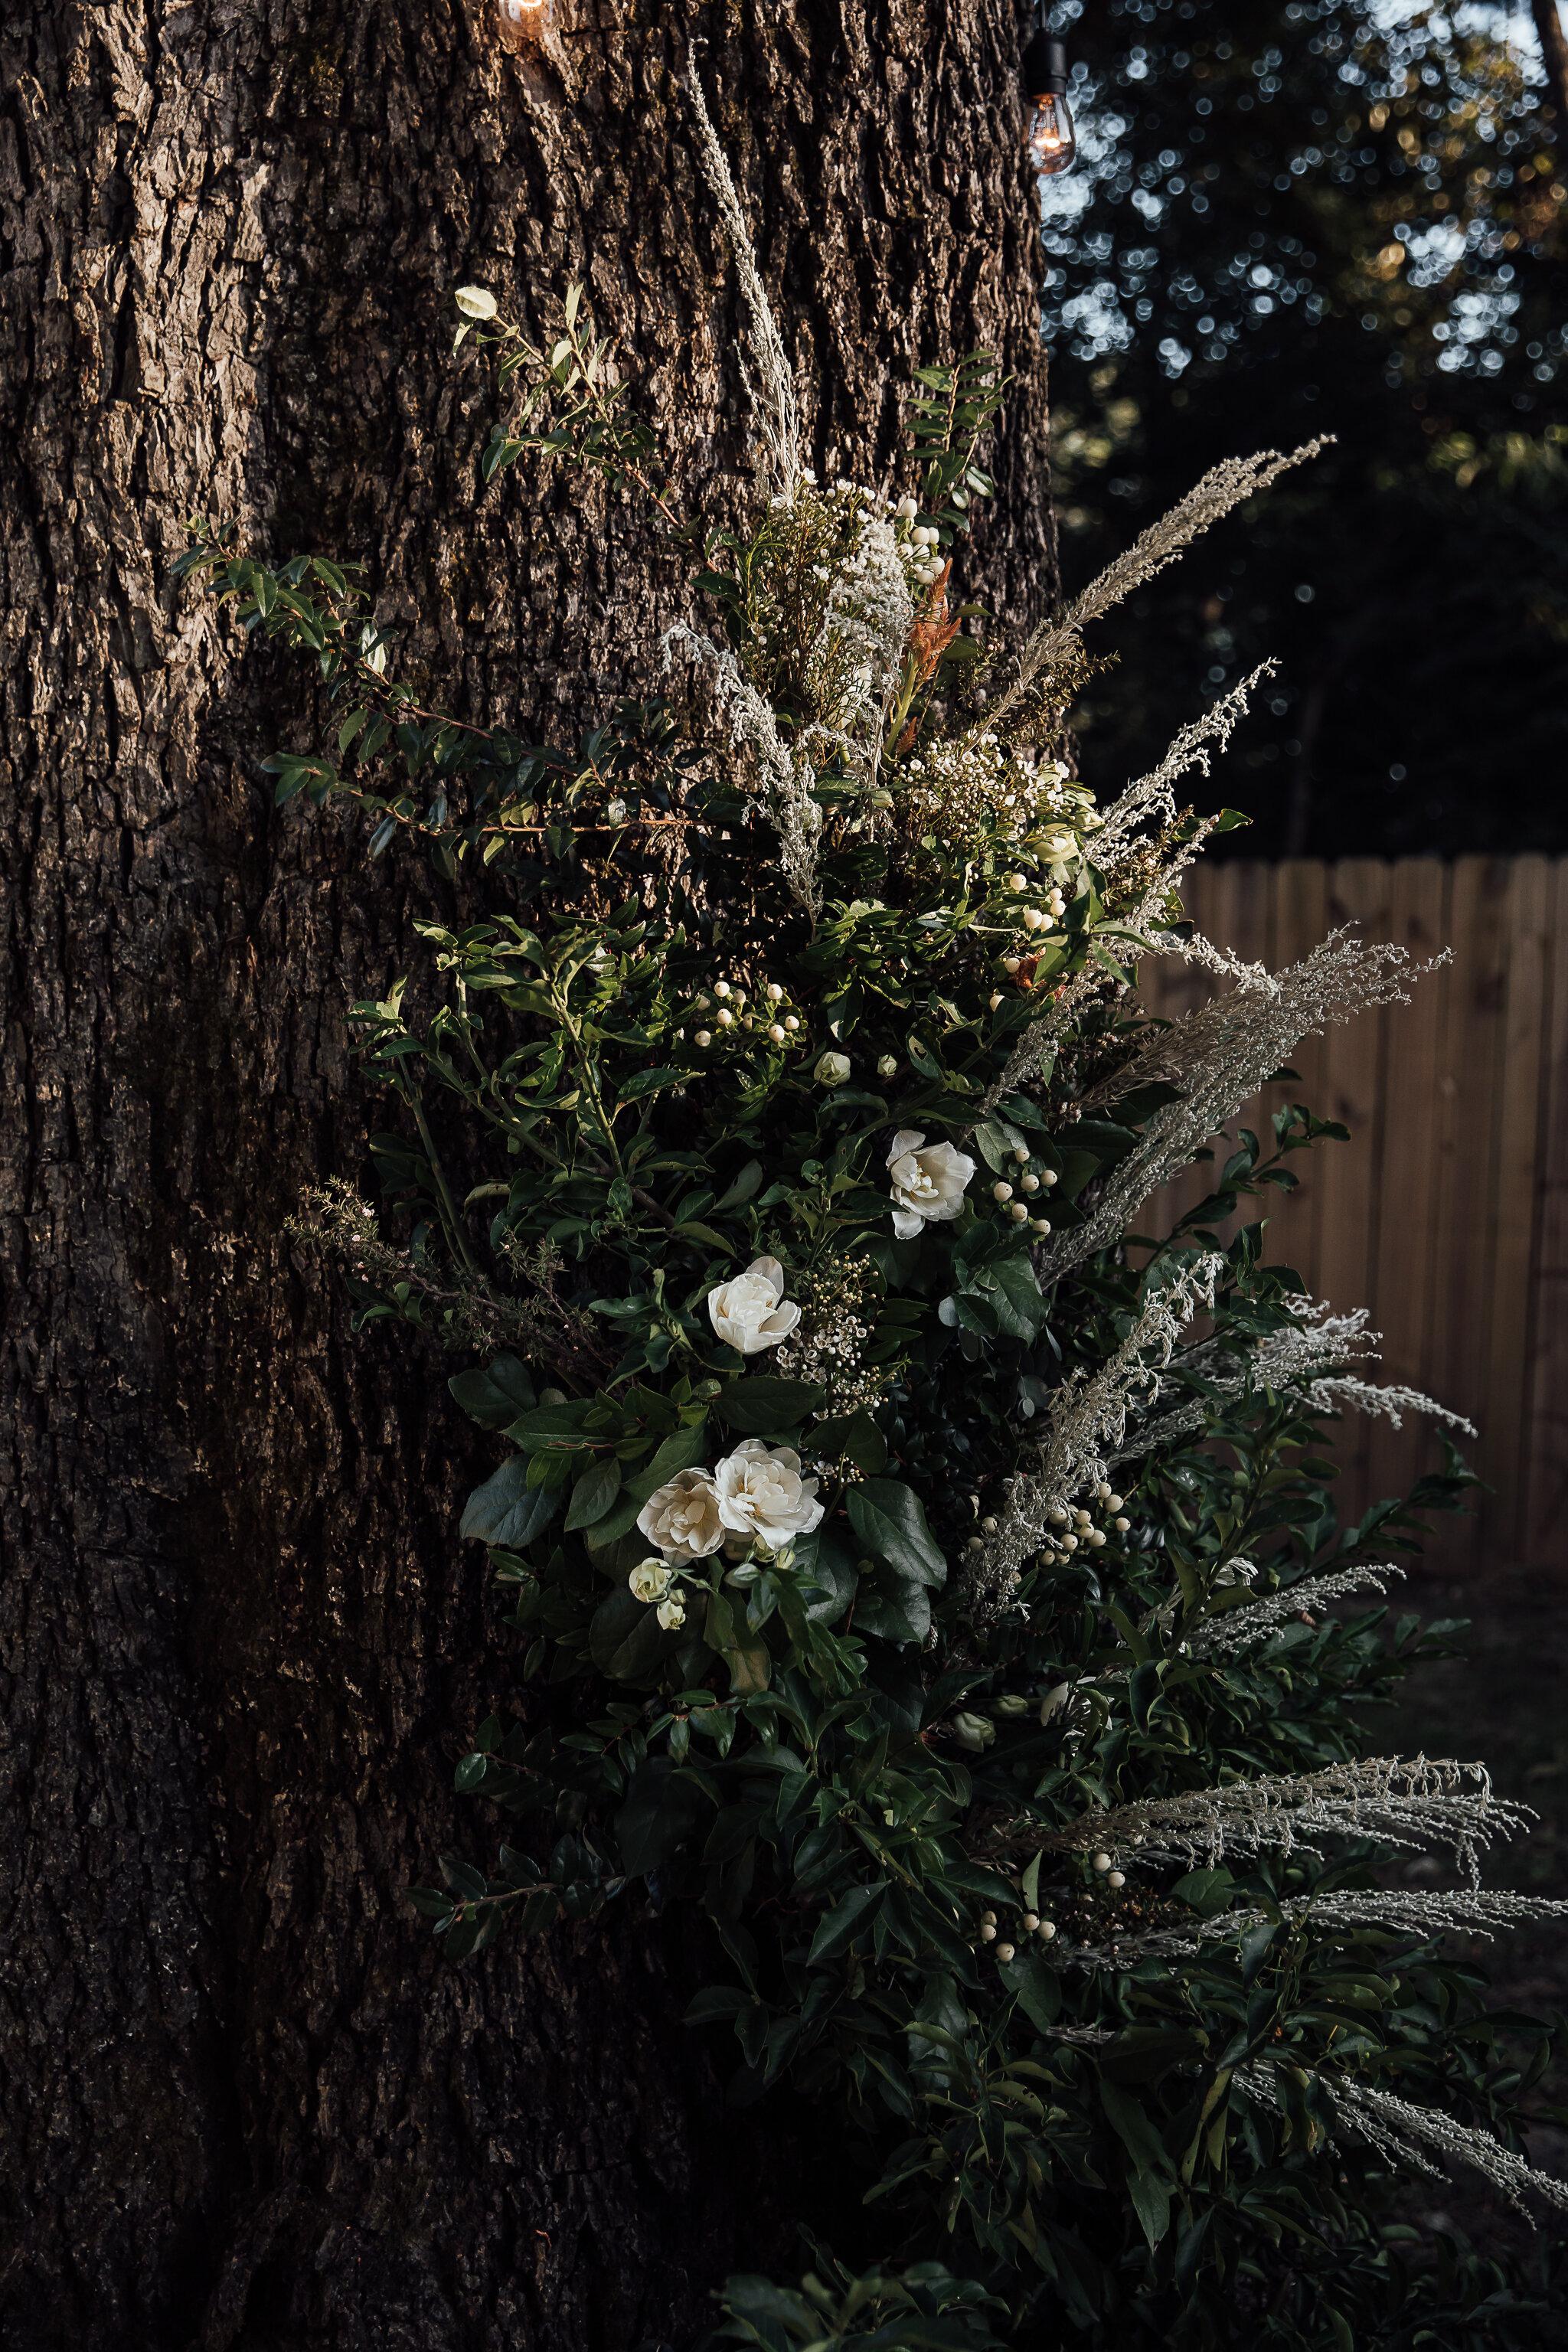 Allison-and-Wesley-Memphis-Backyard-Wedding-TheWarmthAroundYou-144.jpg